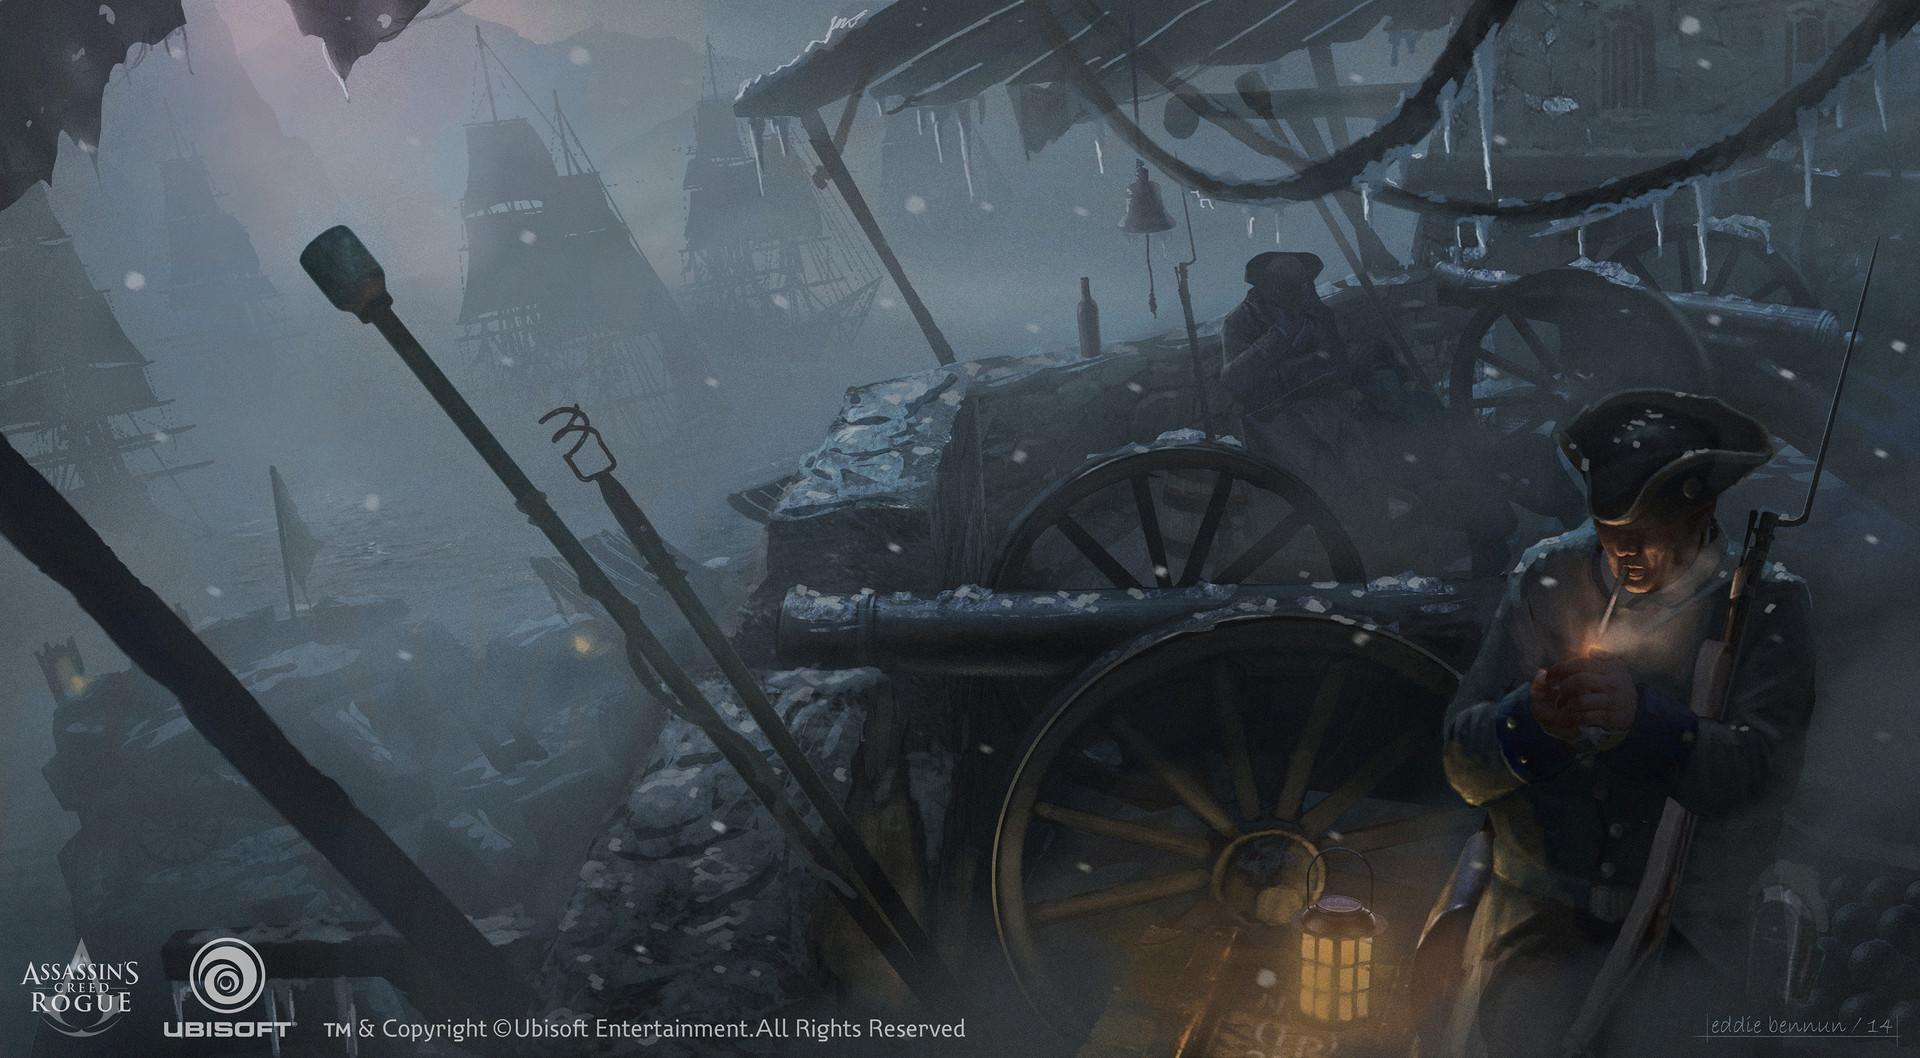 eddie-bennun-acc-sc-rivervalley-menace-in-the-fog-ddiebennun